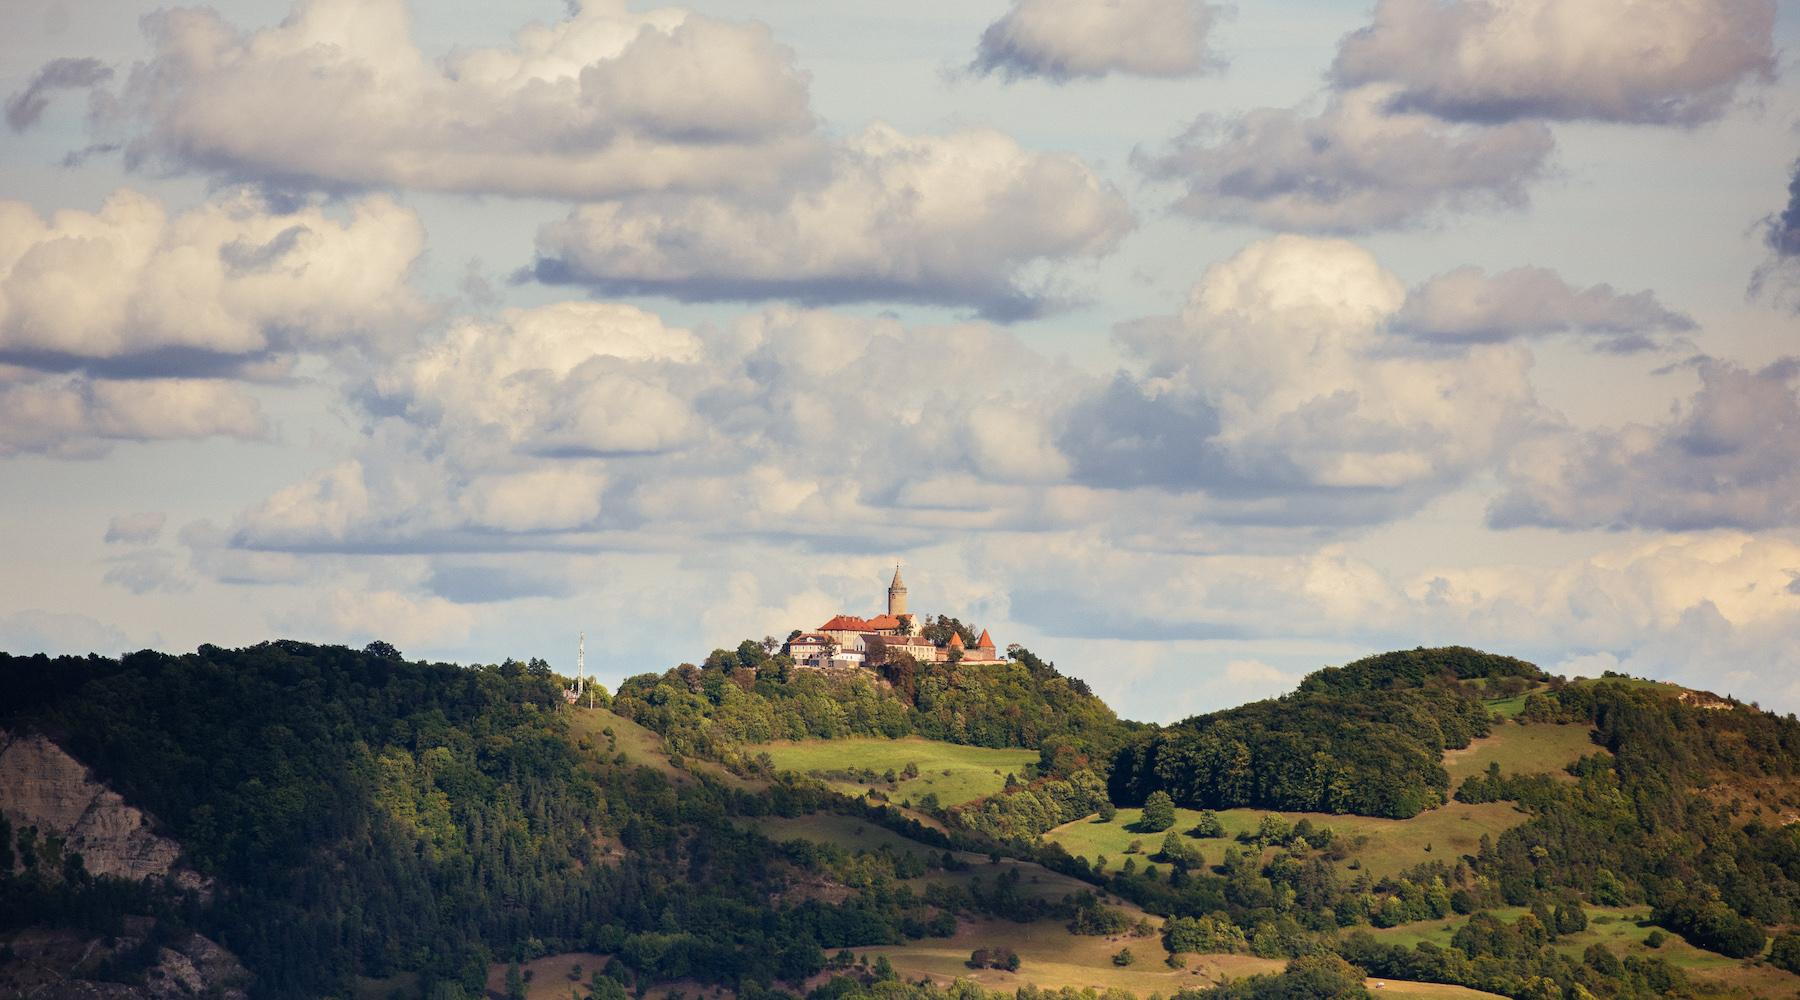 Die Leuchtenburg bei Jena. Ziel einer Gruppenreise von Lokaltermin.